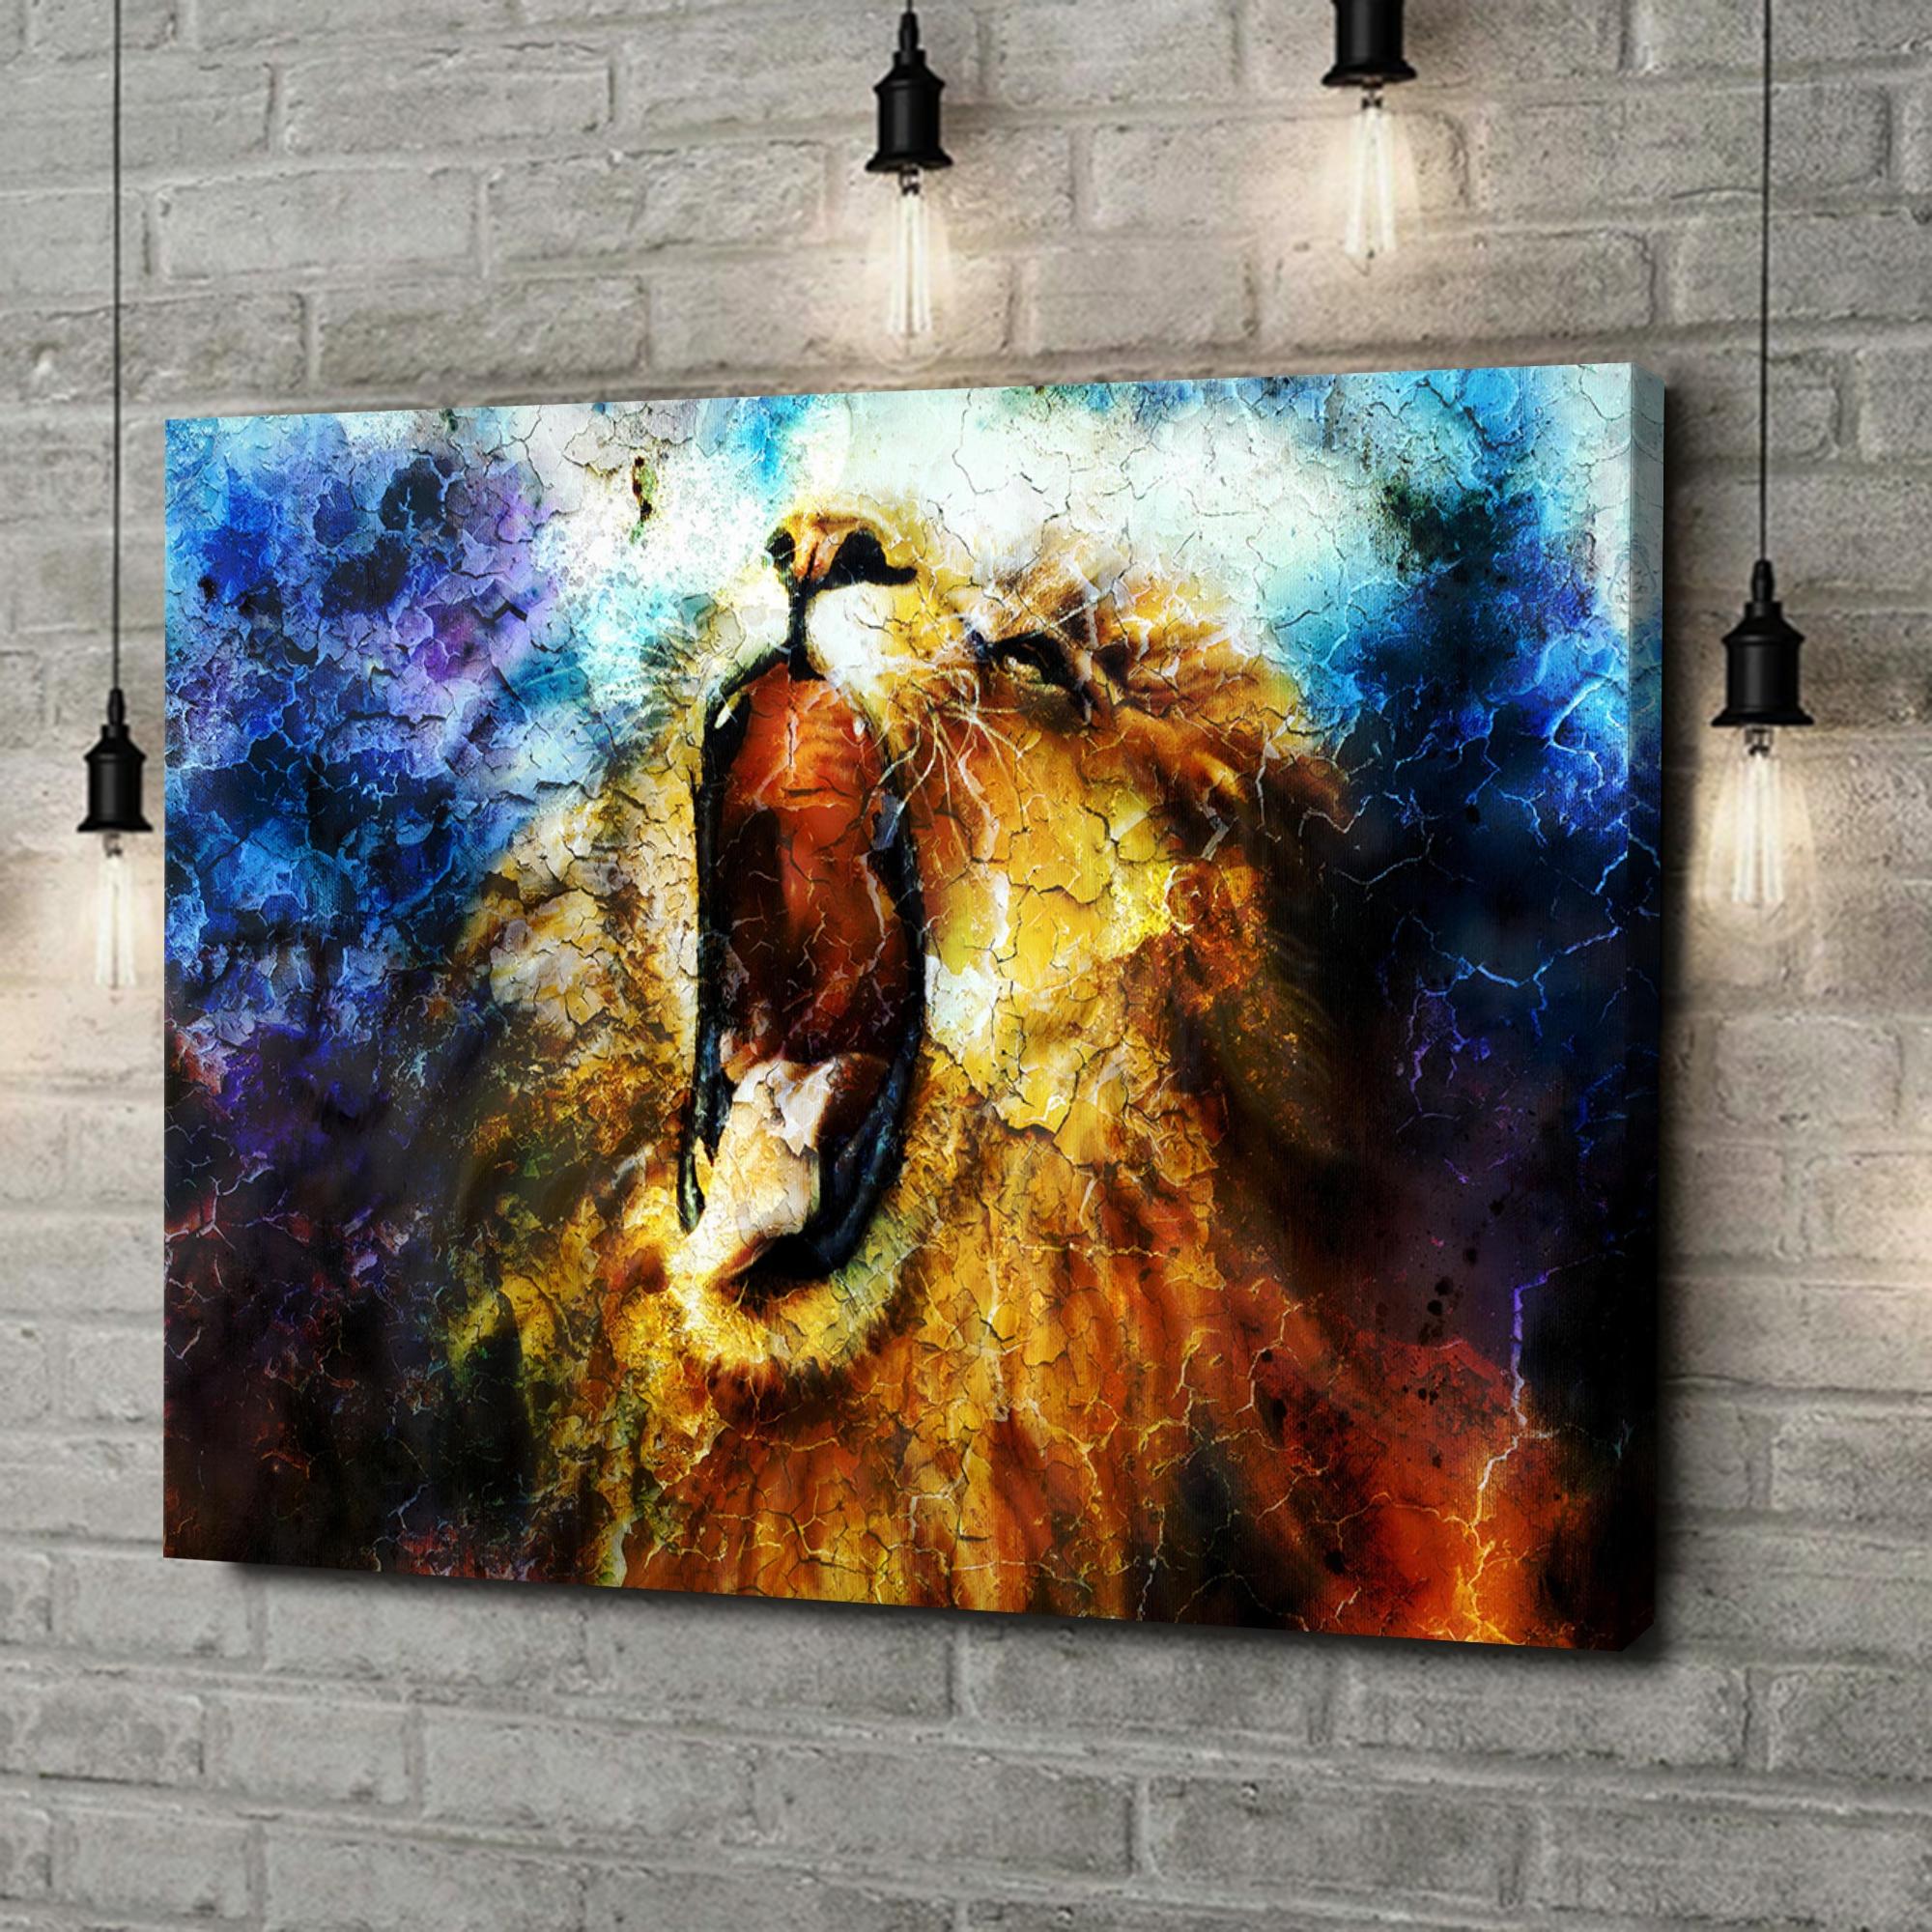 Leinwandbild personalisiert Löwe Abstrakt